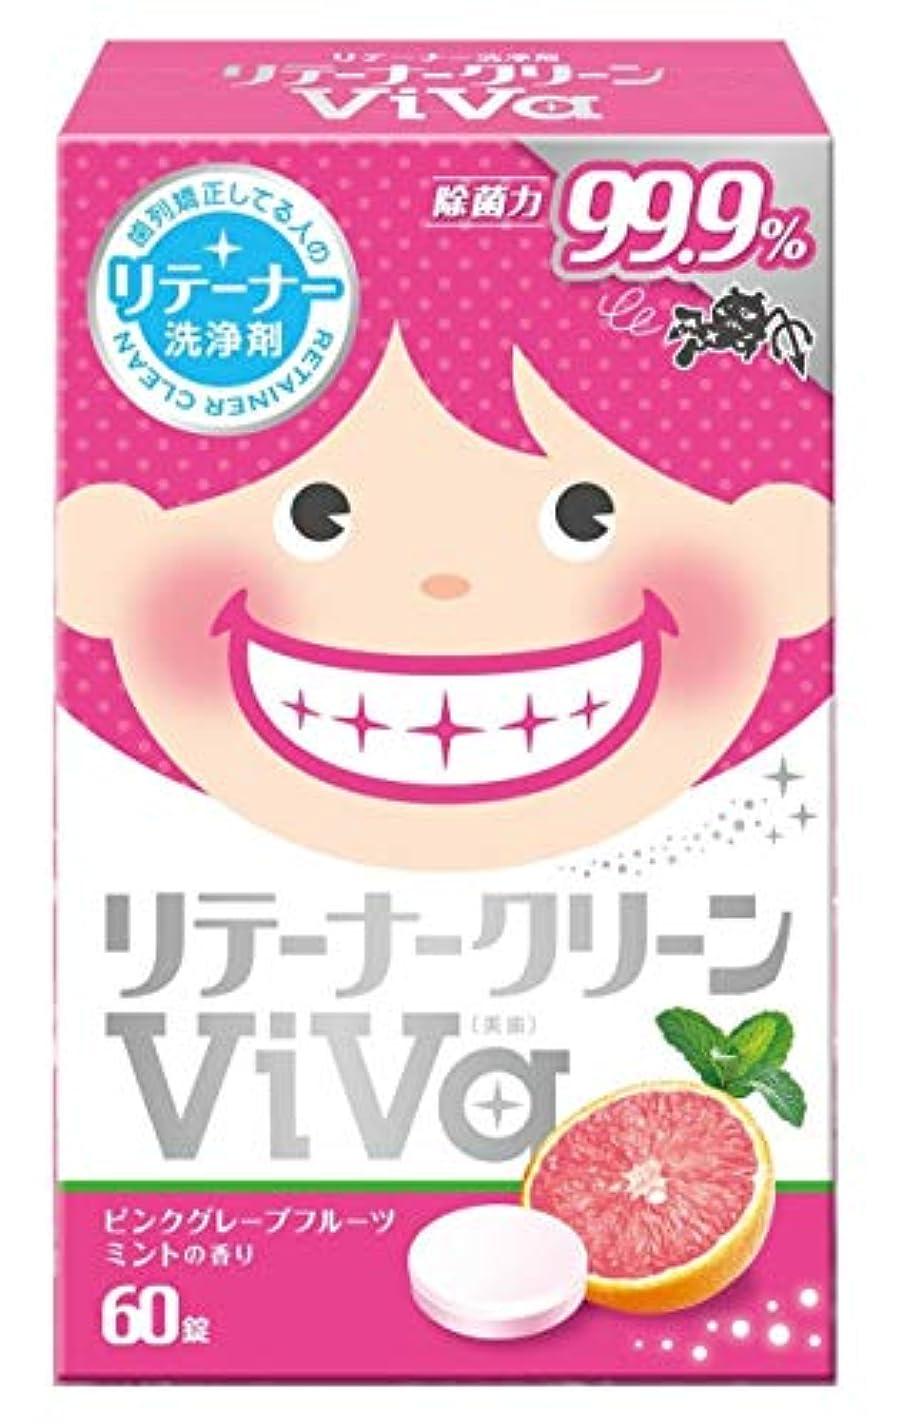 ランク敬の念くしゃみリテーナークリーン ViVa 60錠 歯列矯正している人のリテーナー洗浄剤